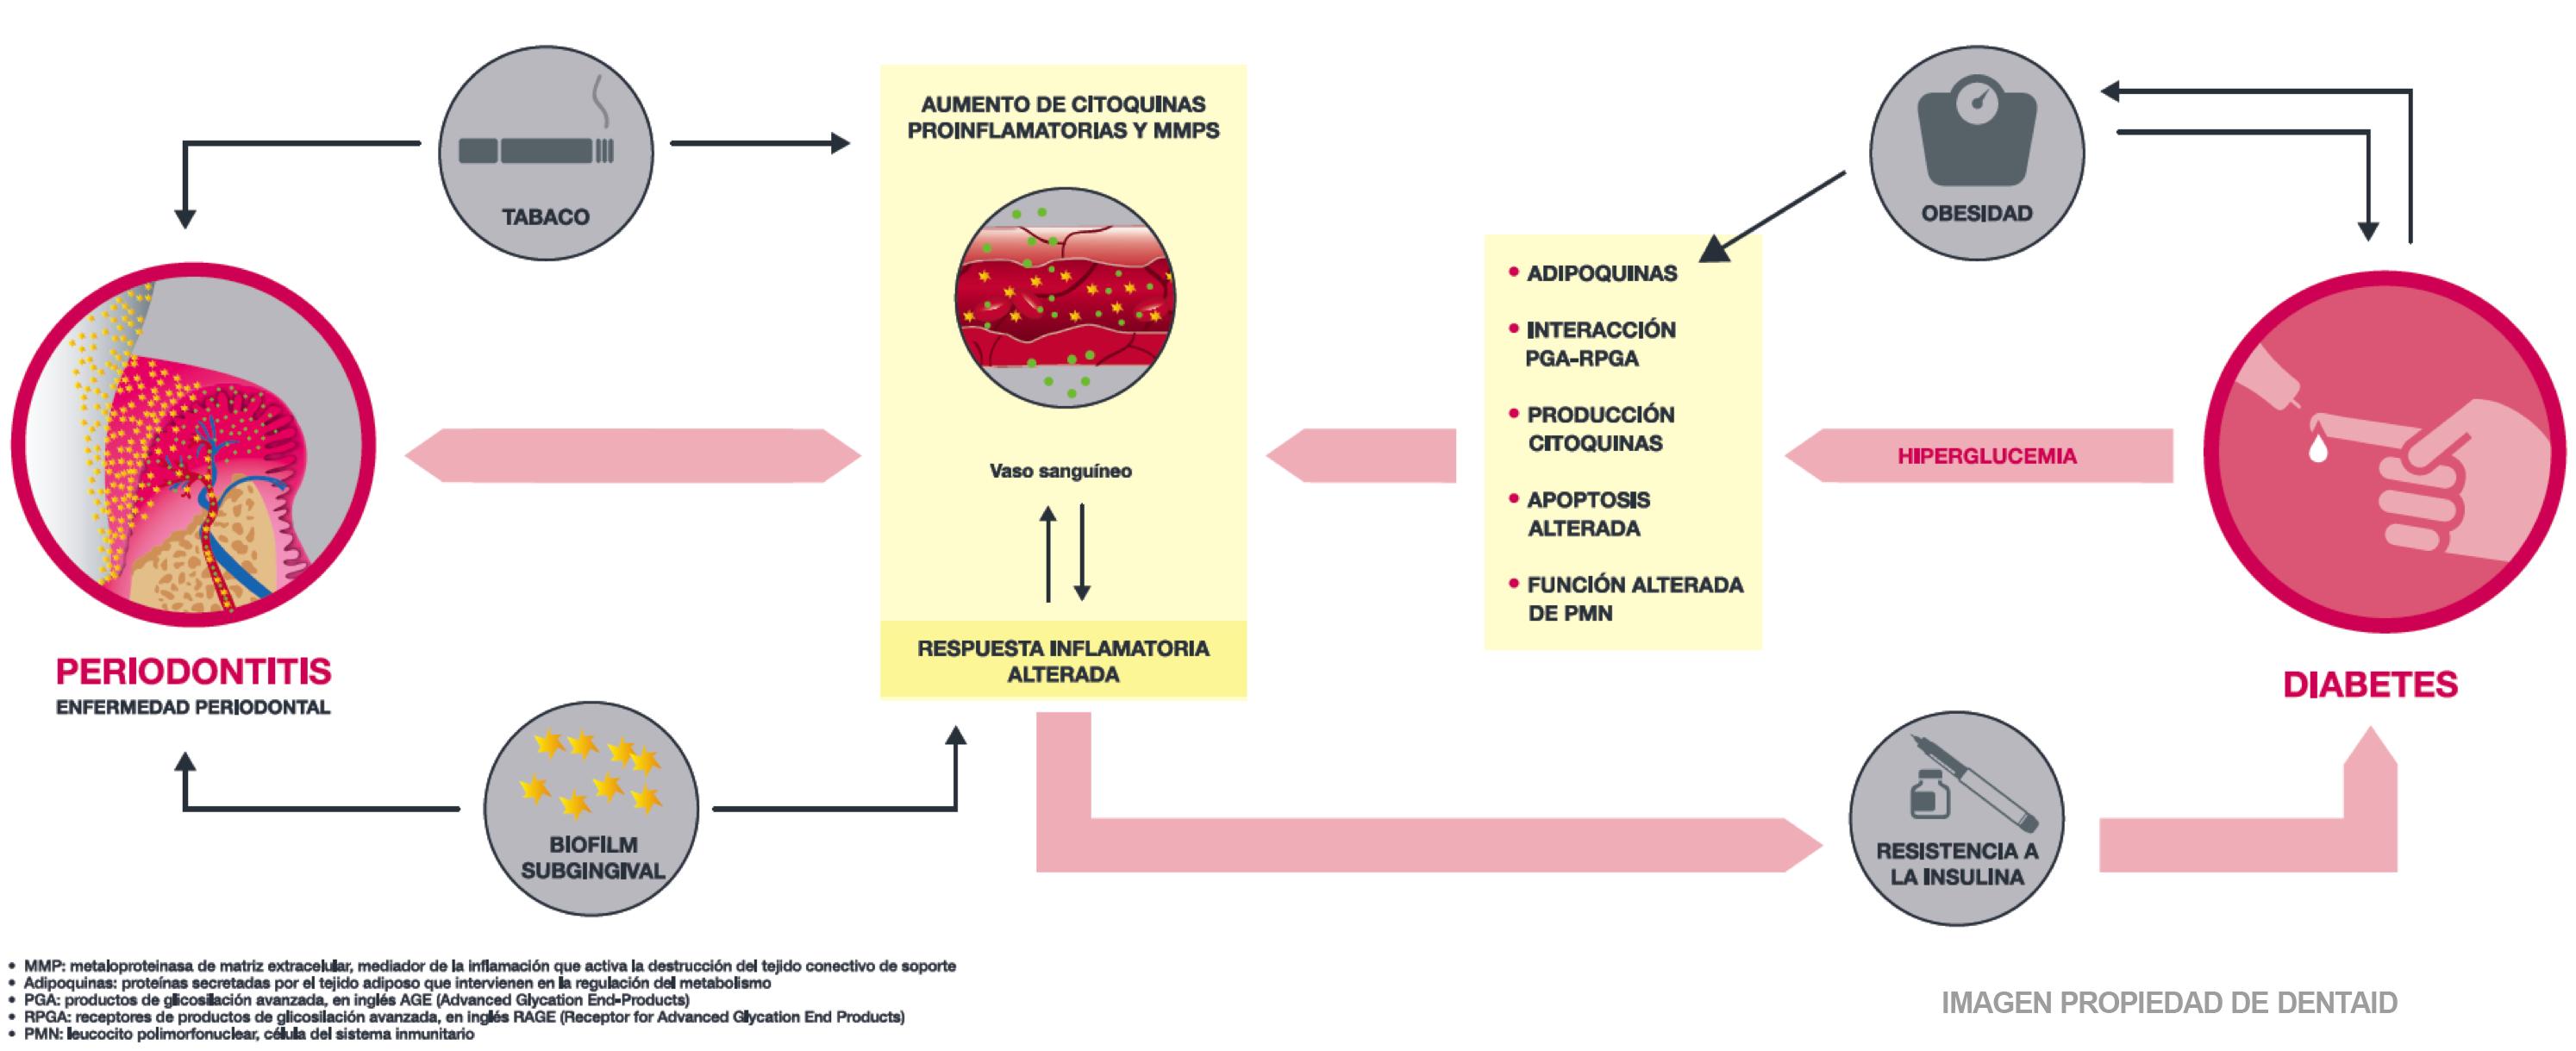 relacion de diabetes con tratamiento de hipertension